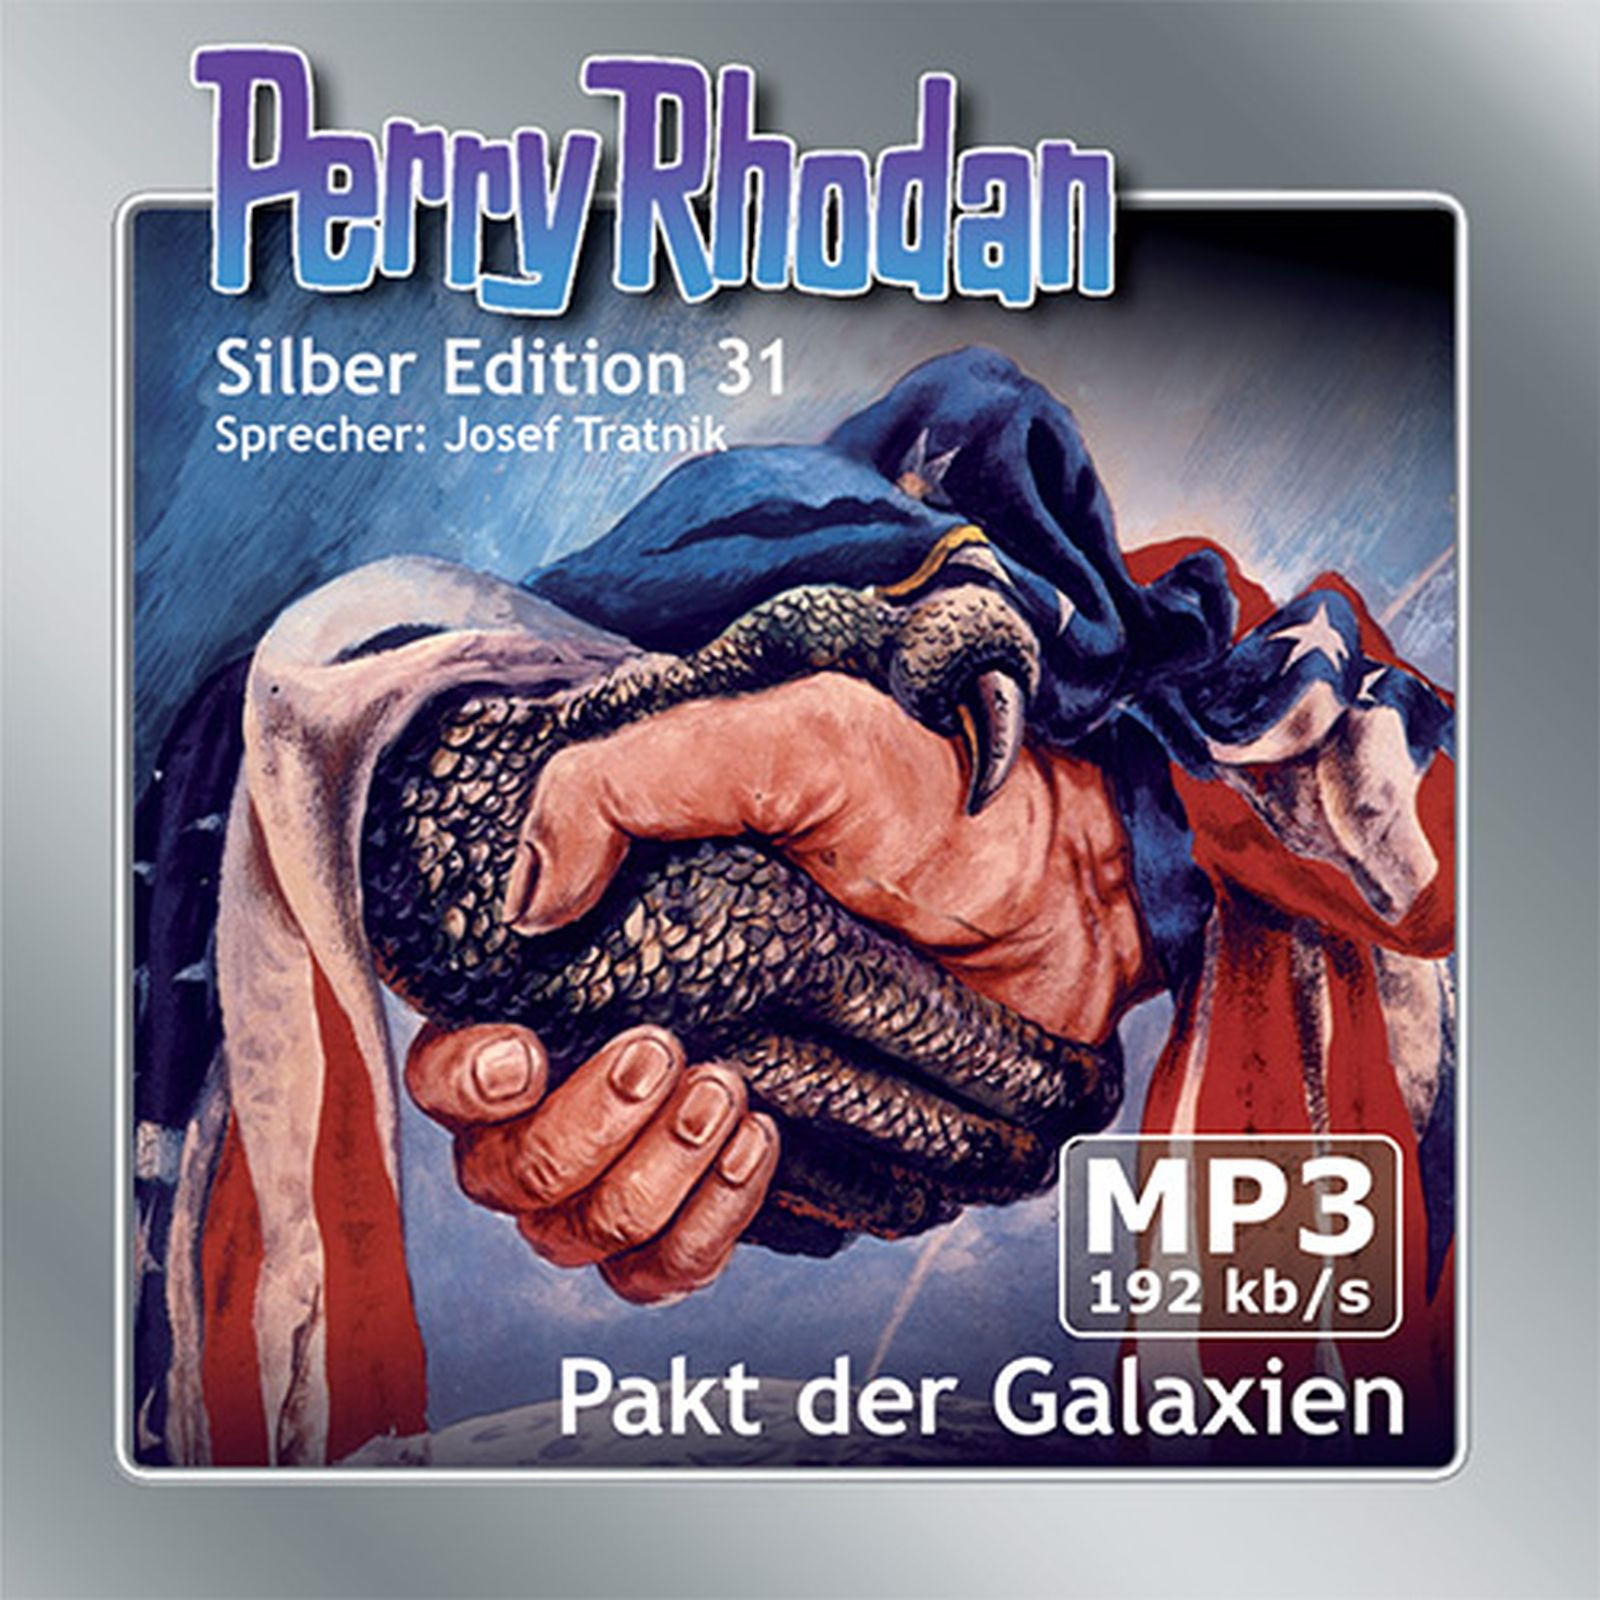 Perry Rhodan Silber Edition 31 Pakt der Galaxien (2 MP3-CDs)